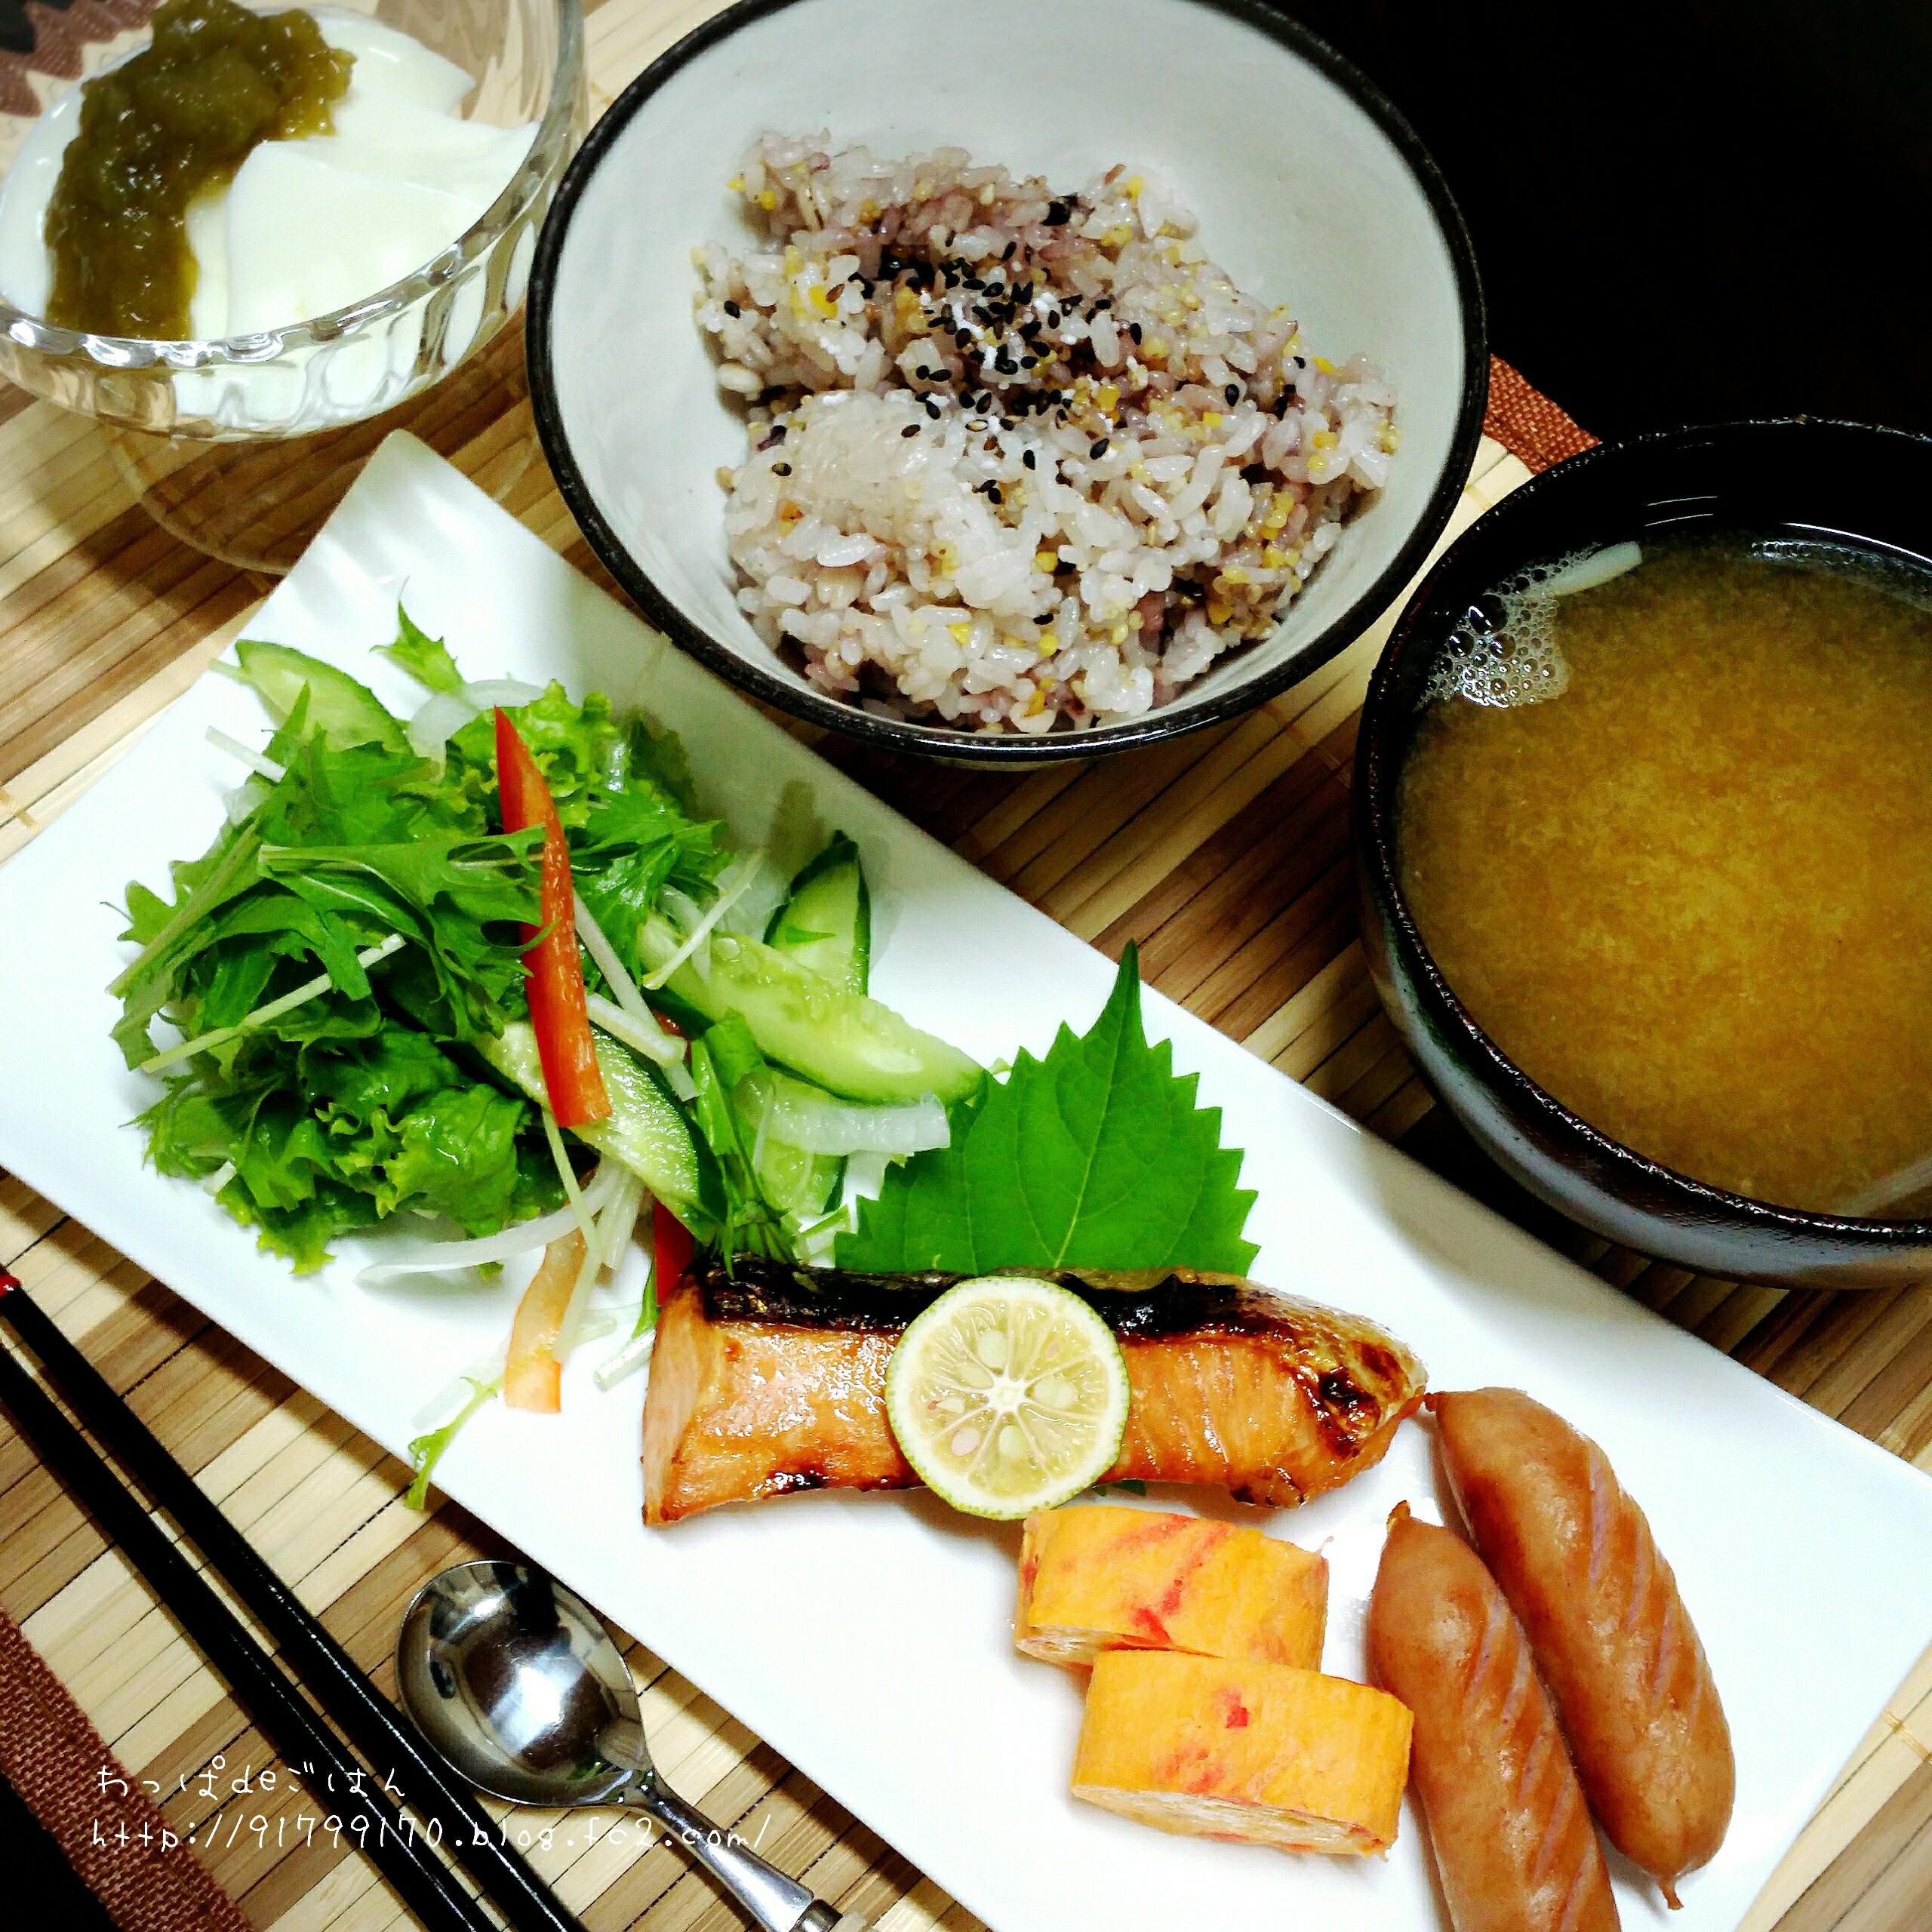 2015/10/3節約料理の朝ごはん